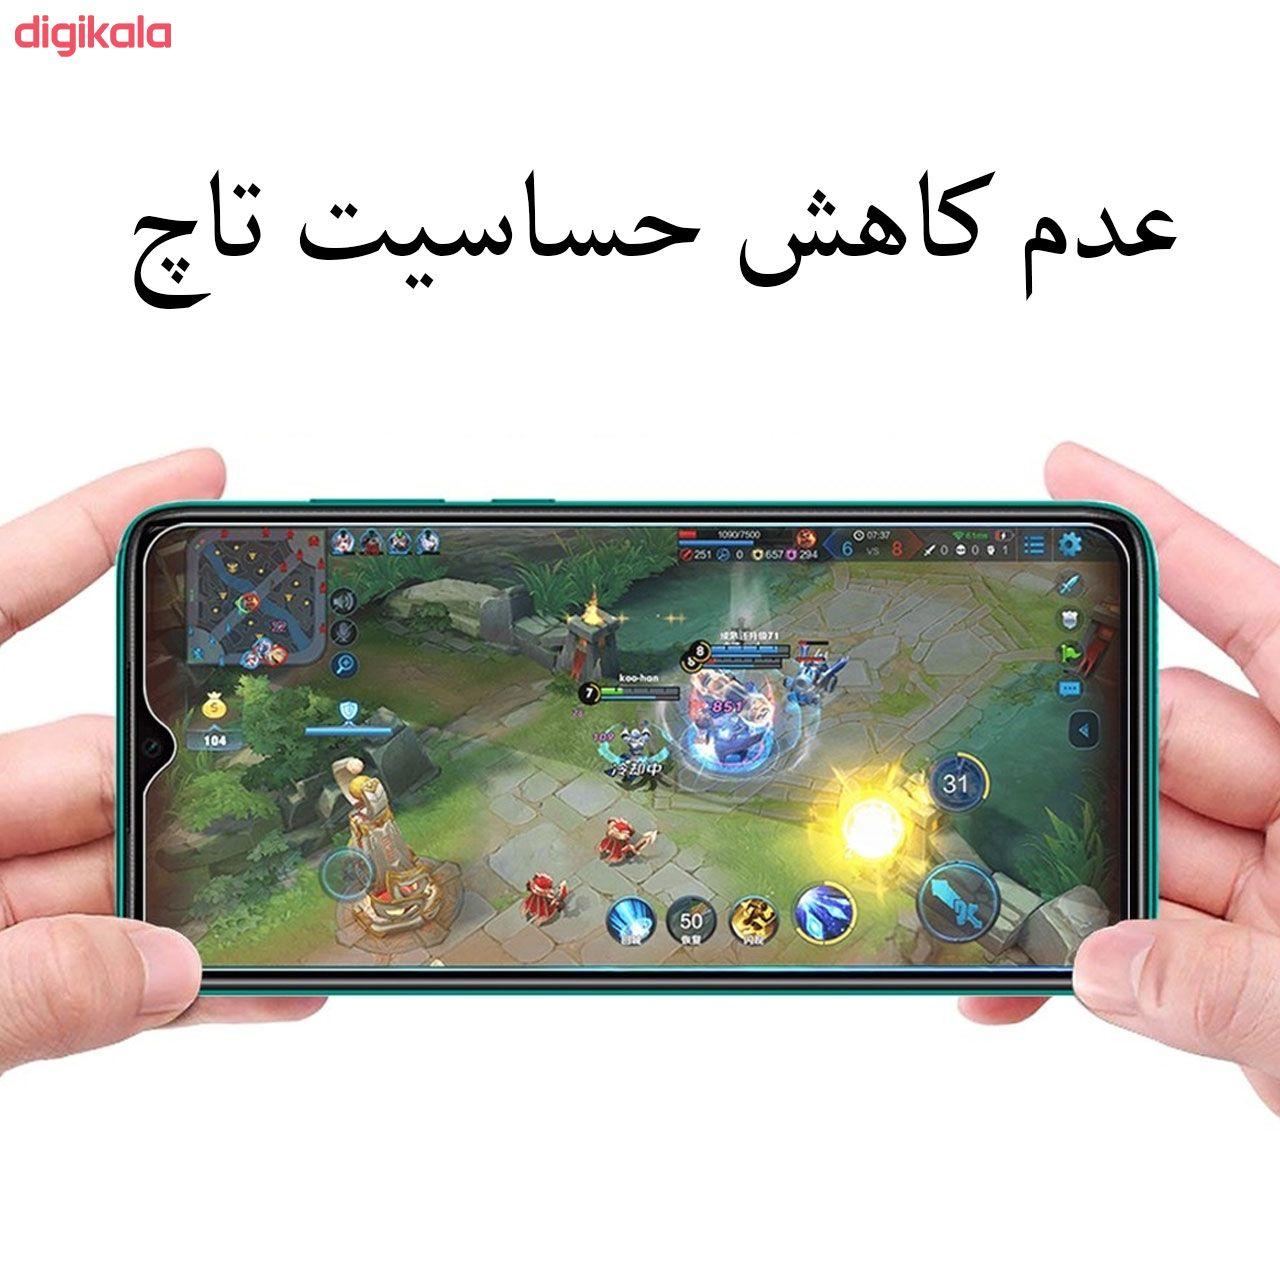 محافظ صفحه نمایش مدل FCG مناسب برای گوشی موبایل سامسونگ Galaxy M20 بسته سه عددی main 1 12